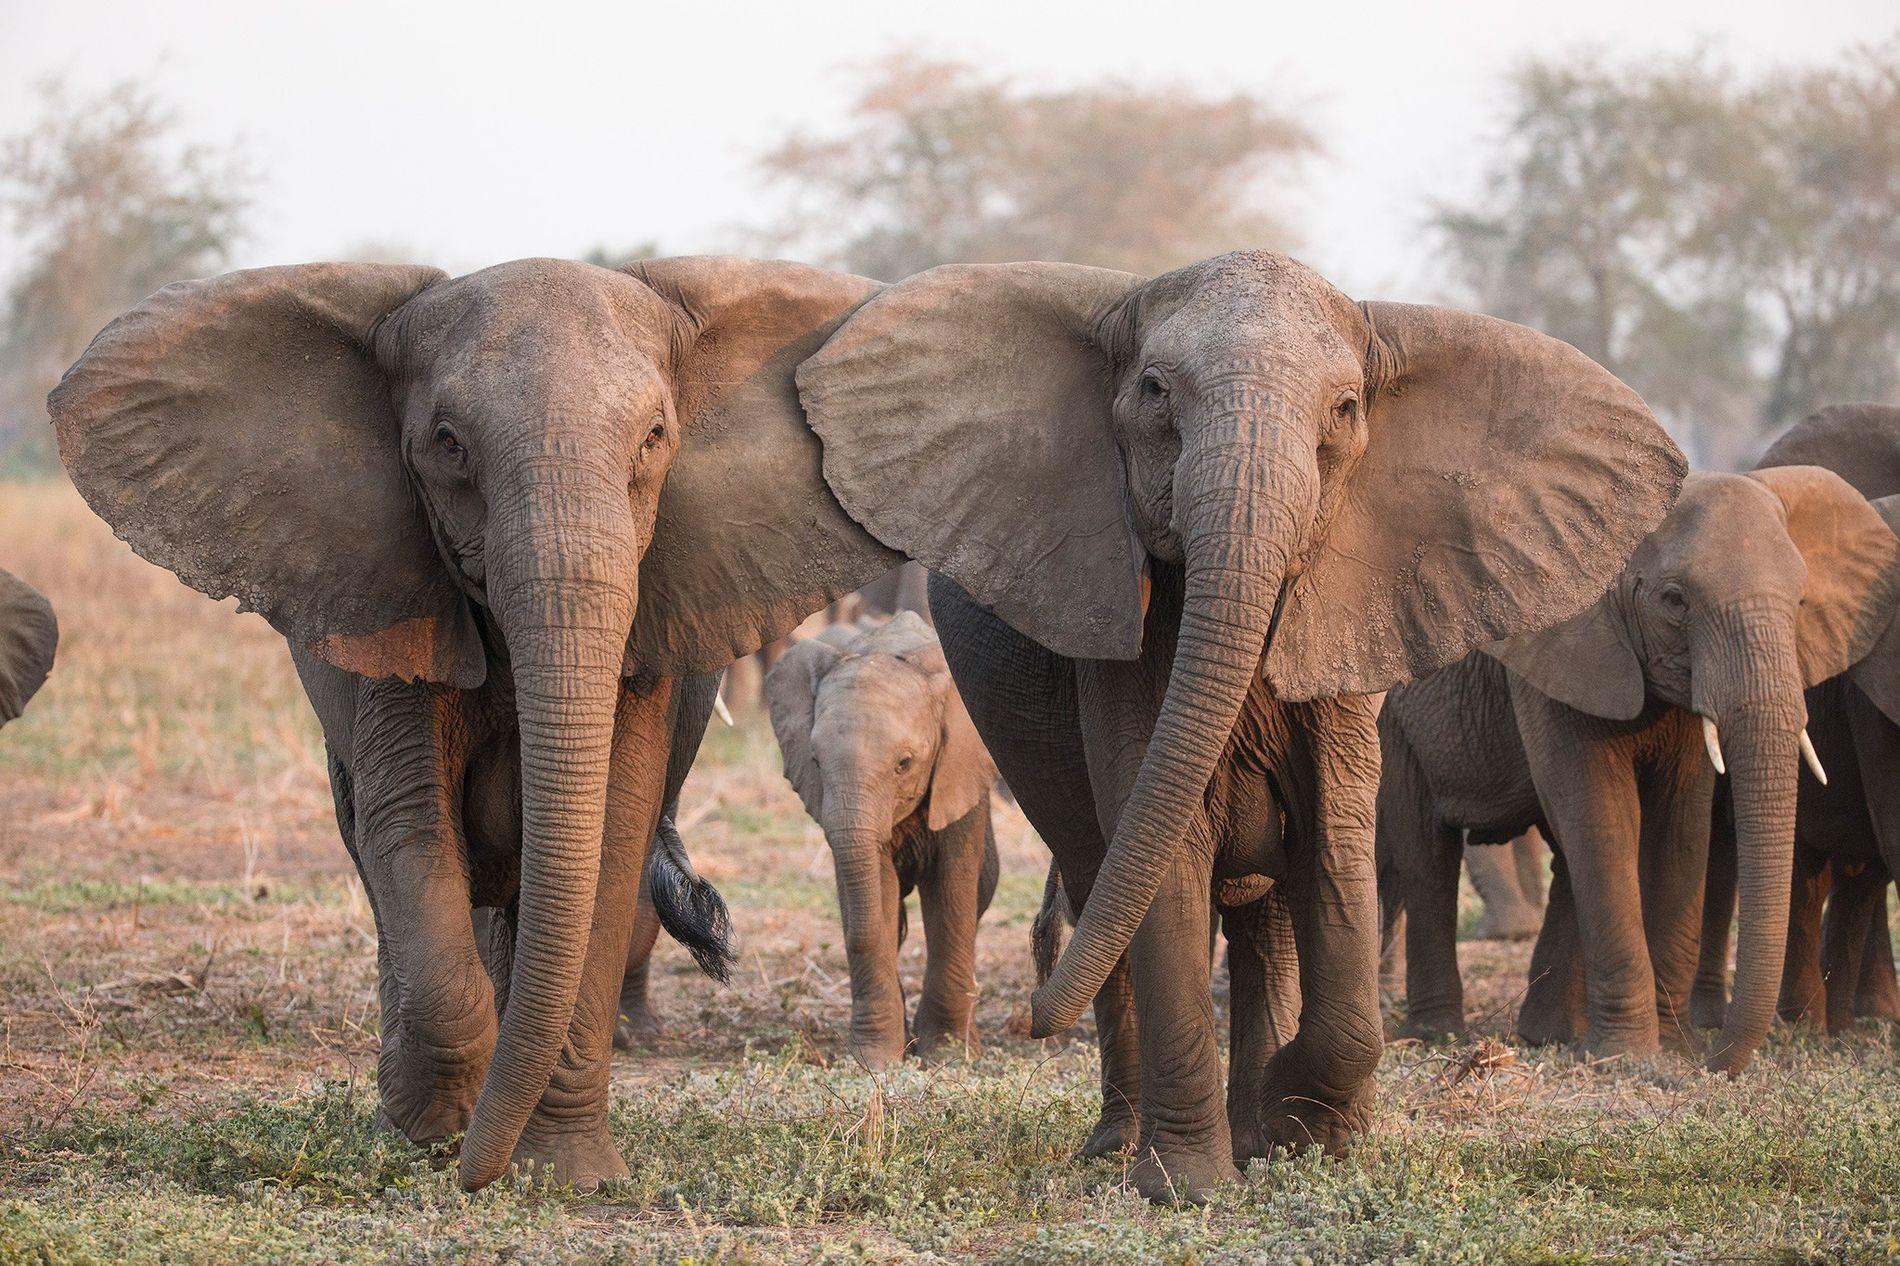 En réaction au braconnage, de plus en plus d'éléphants naissent sans défenses